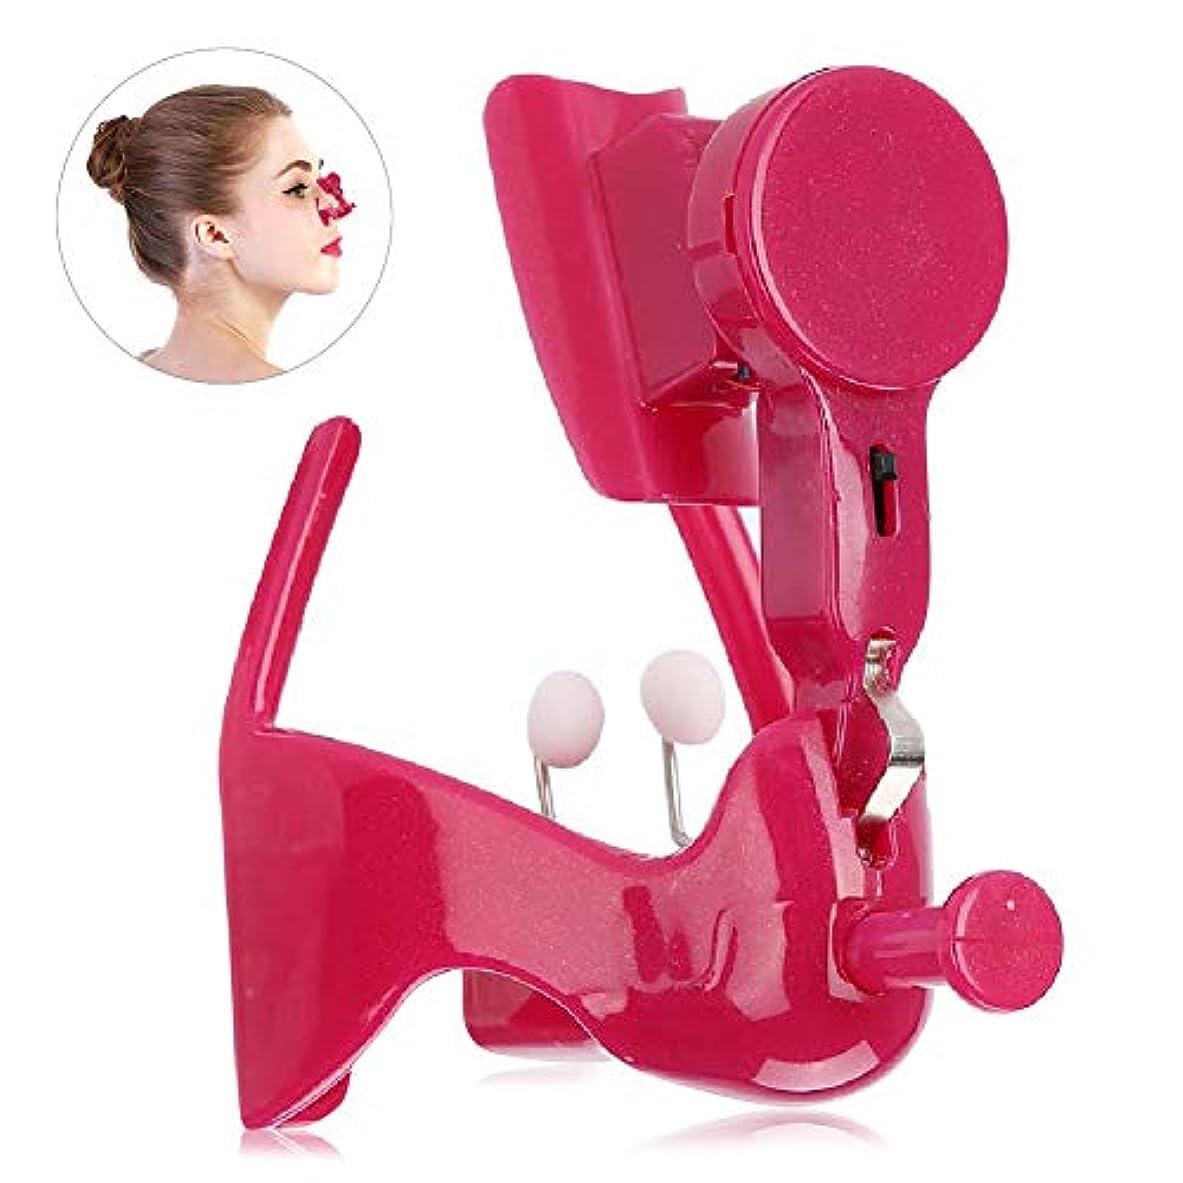 パスタもっと少なくサンドイッチ鼻を持ち上げて電気クリップ、鼻整形マッサージブリッジ矯正バイブレーターリフター鼻美容ツール